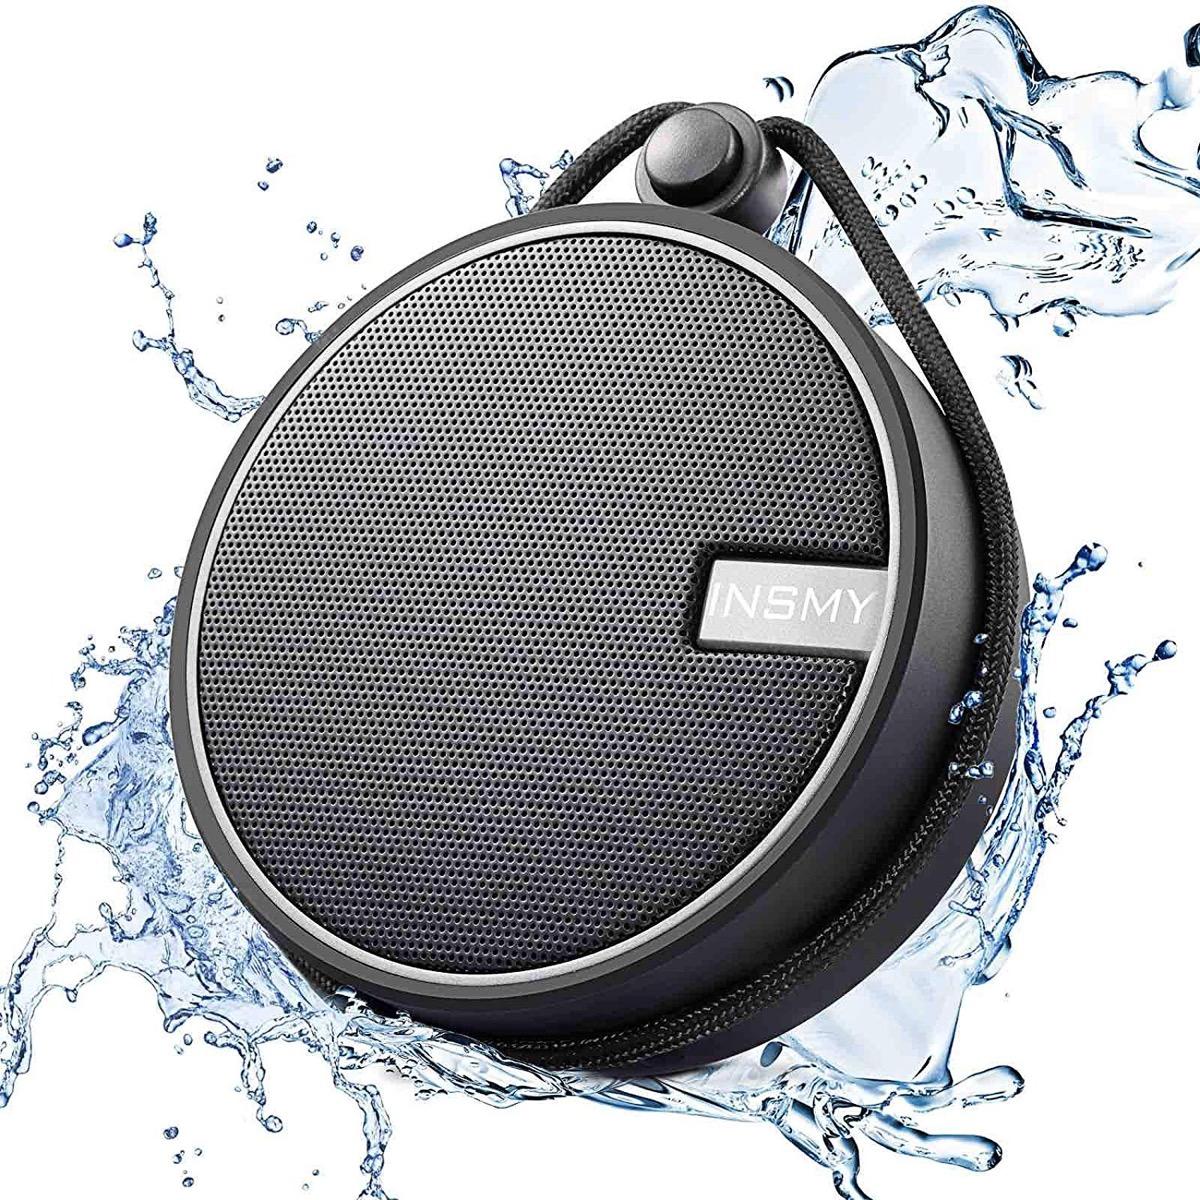 black speaker with water splashing around it, bathroom accessories